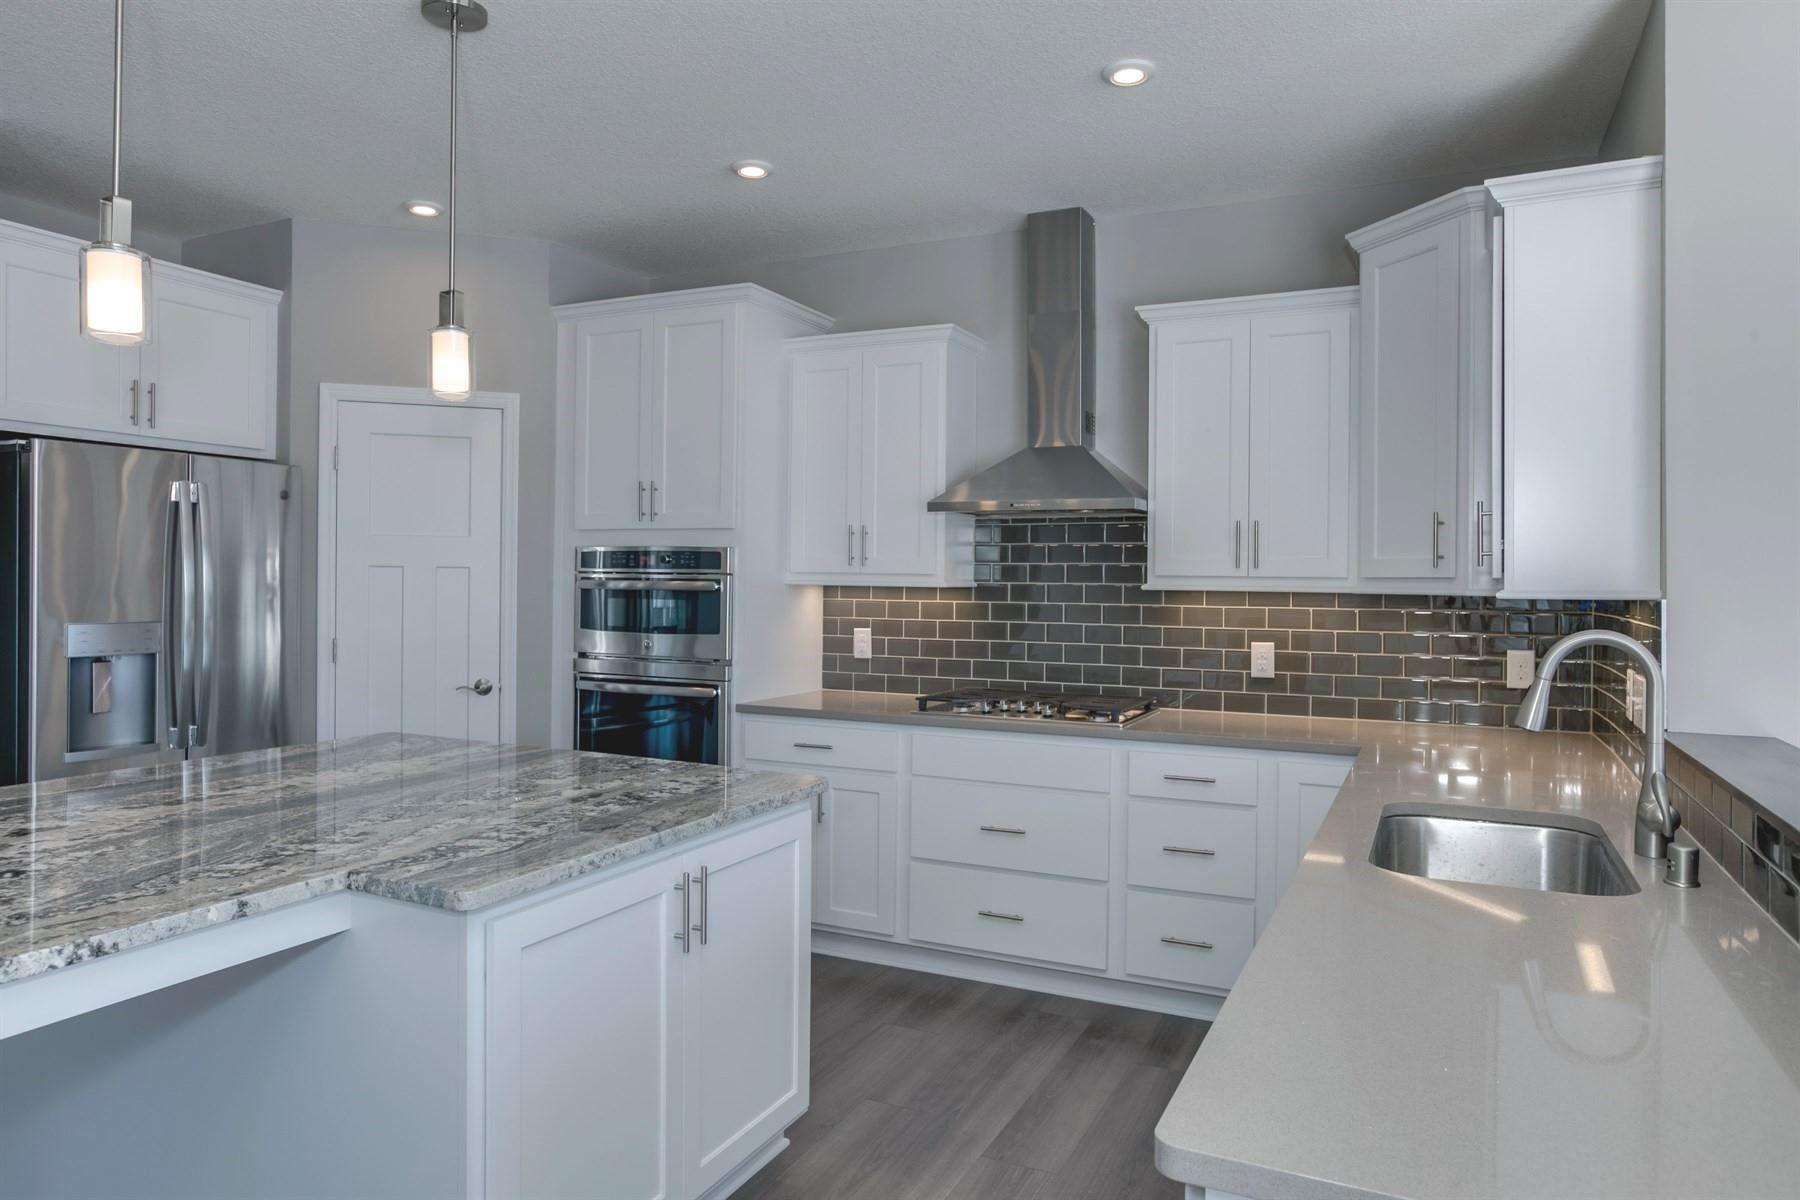 Woodland Cove Kitchen | Kitchen idea | Pinterest | Cove F.C. ...